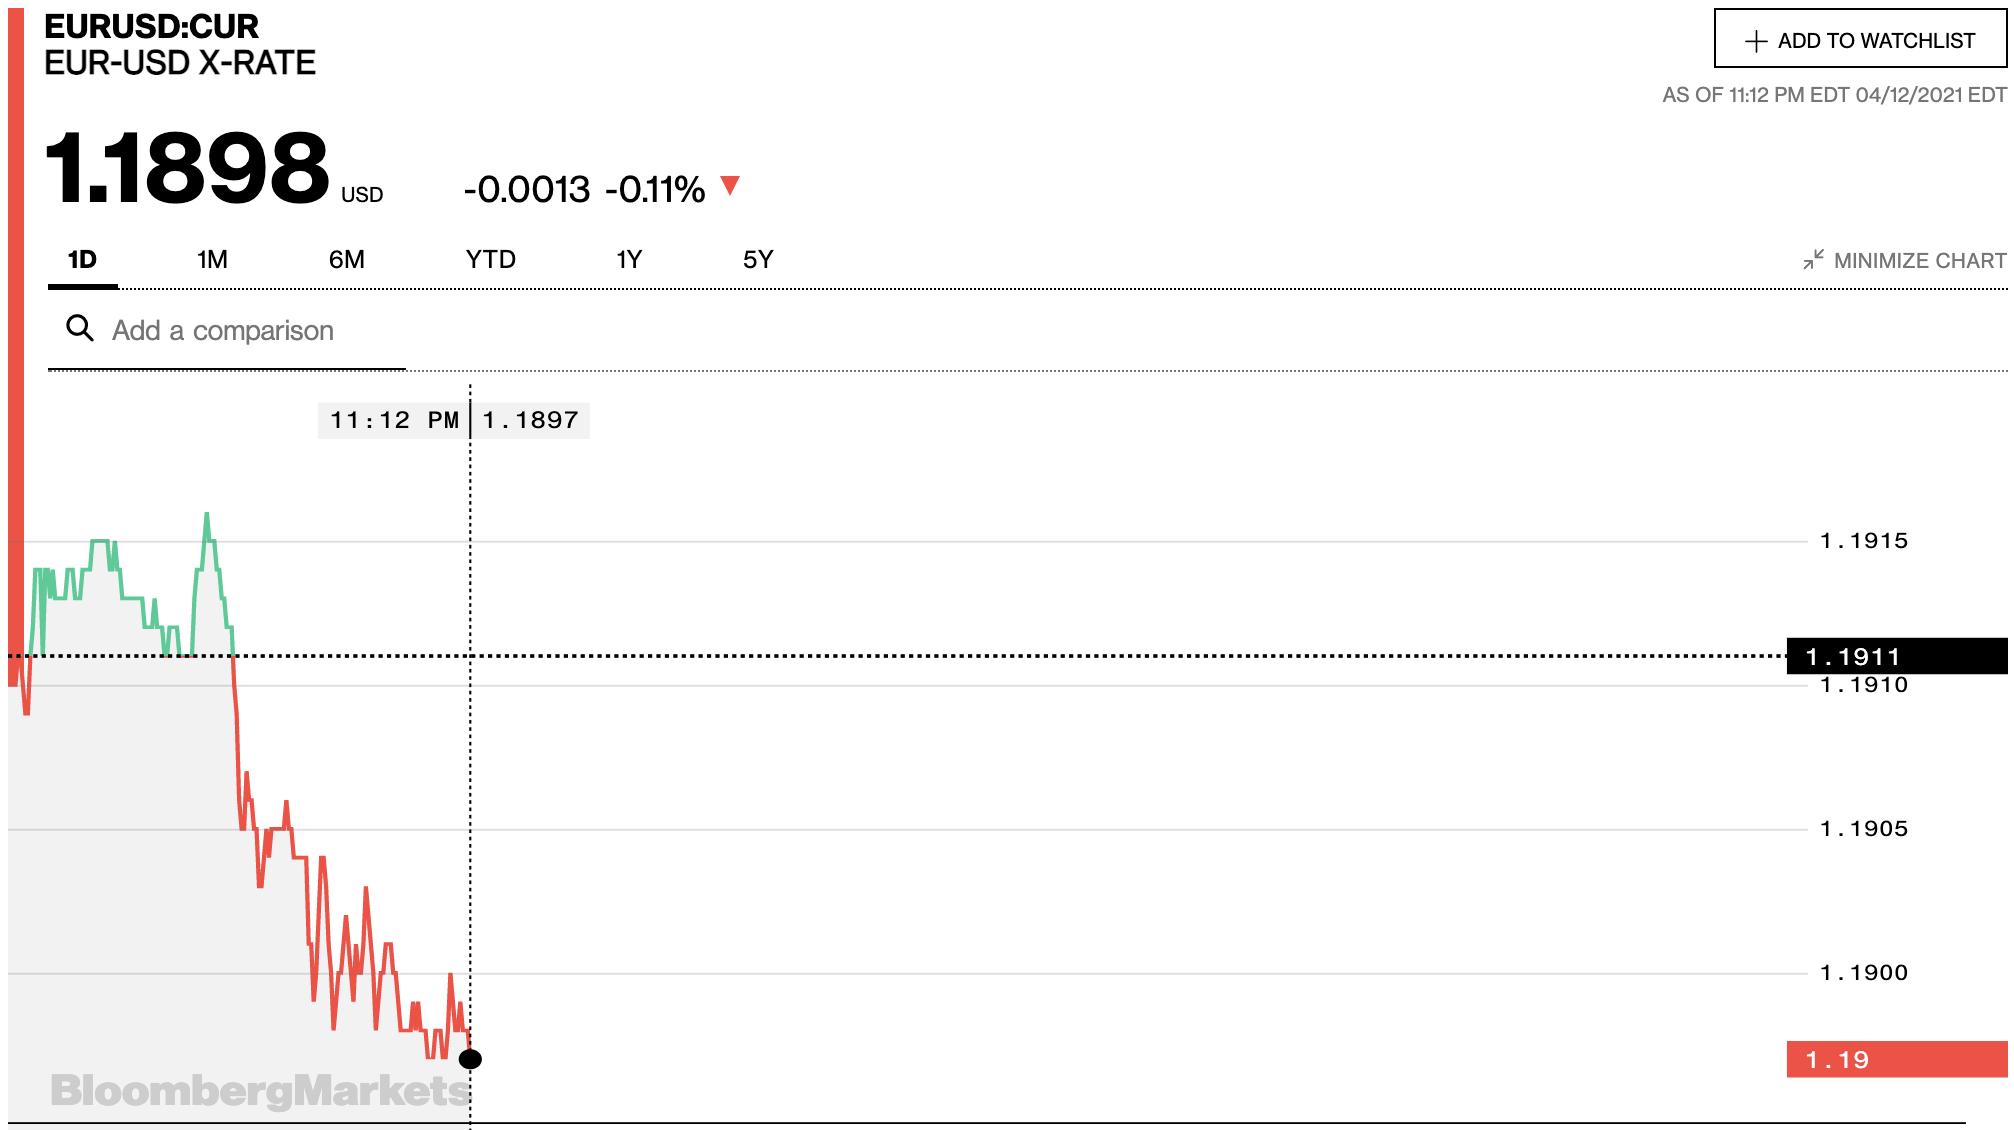 Tỷ giá euro hôm nay 13/4: Thị trường chợ đen bất ngờ giảm sâu trong khi đa số ngân hàng tăng - Ảnh 2.